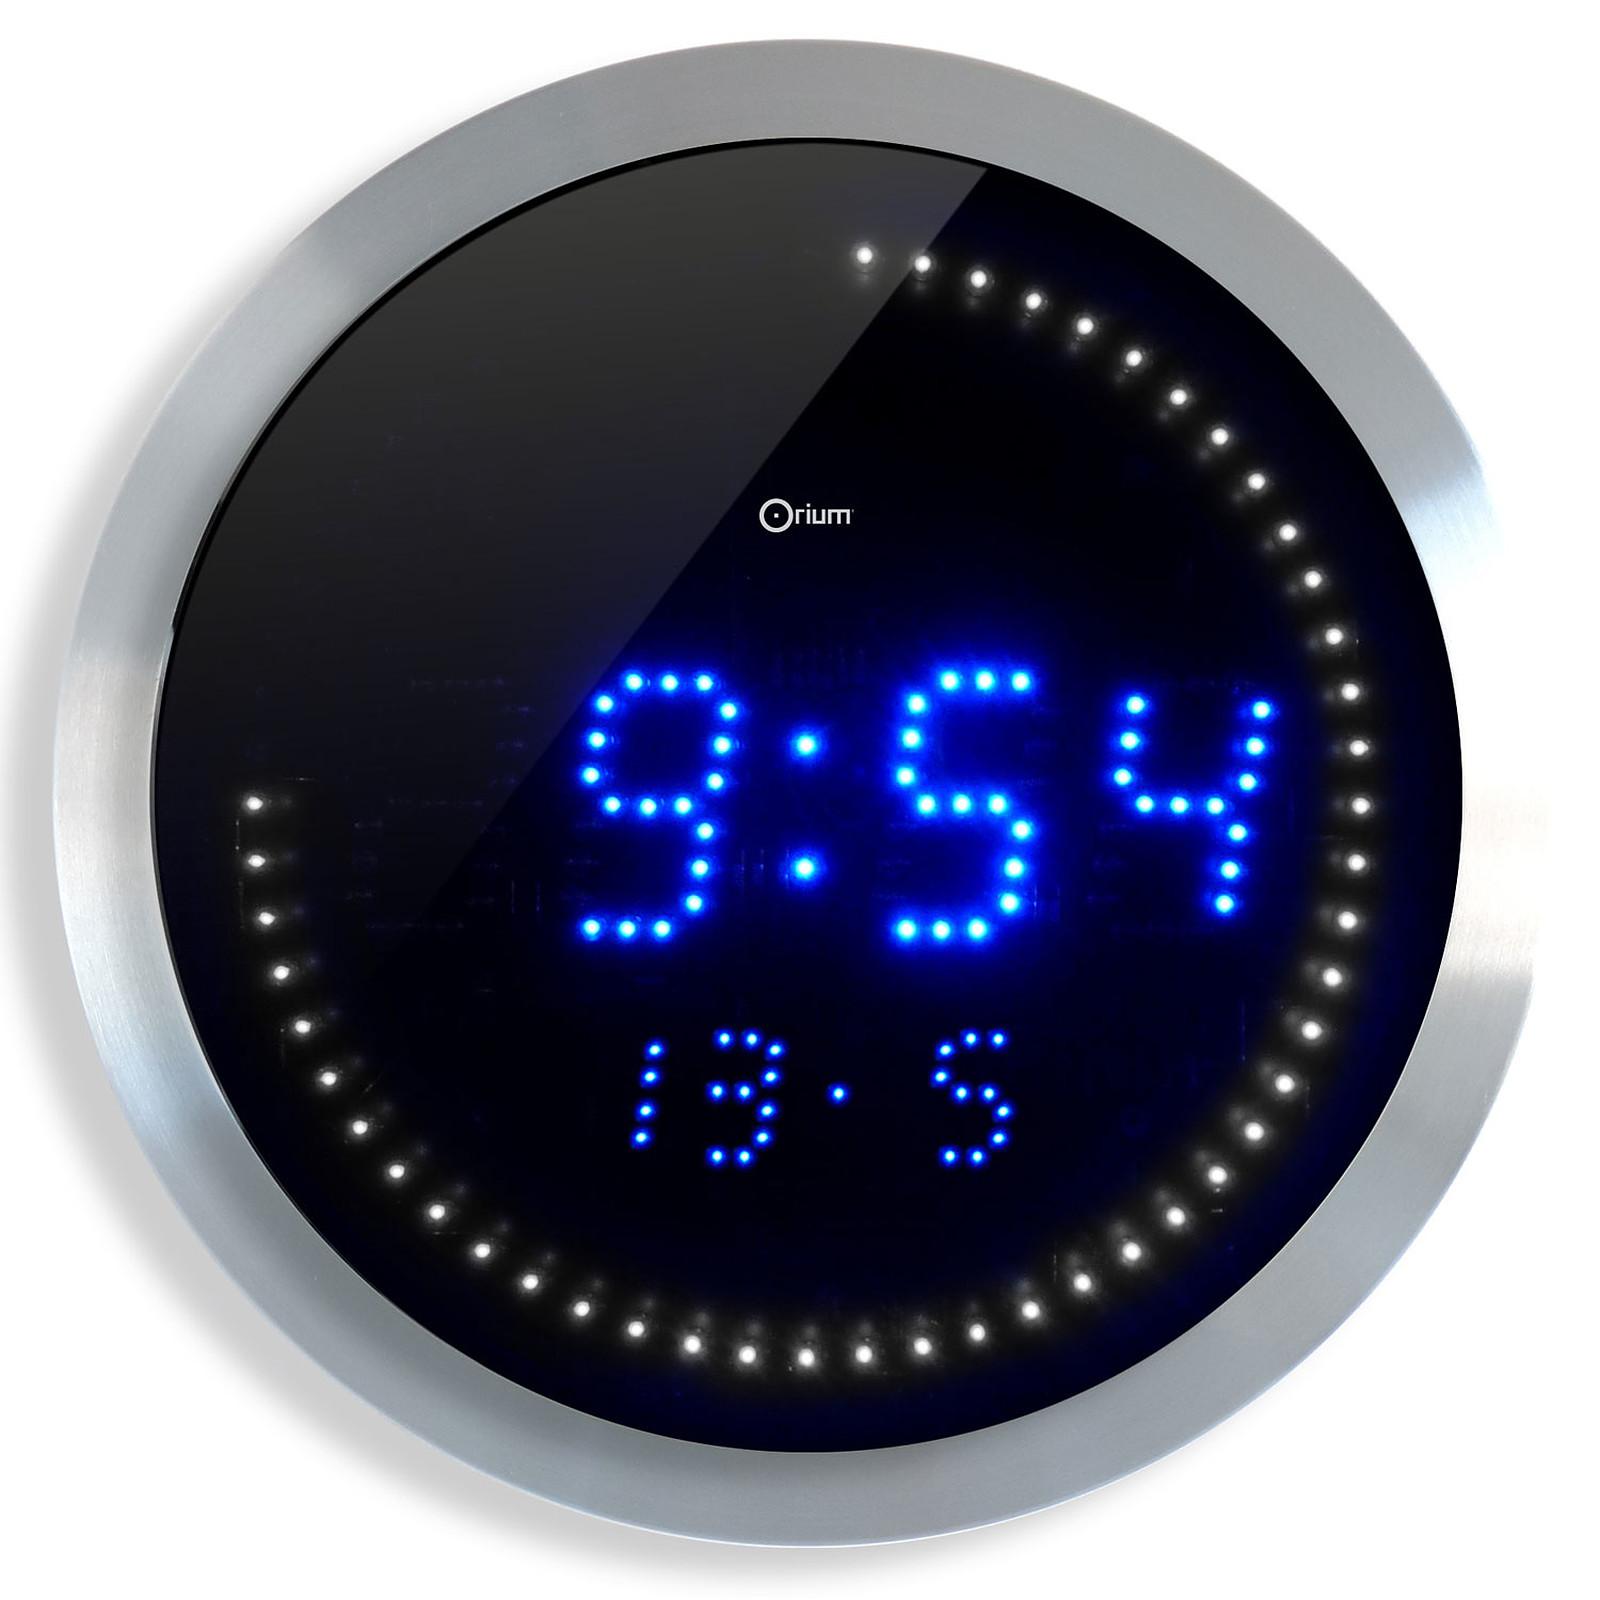 Horloge De Bureau Originale orium horloge ice blue